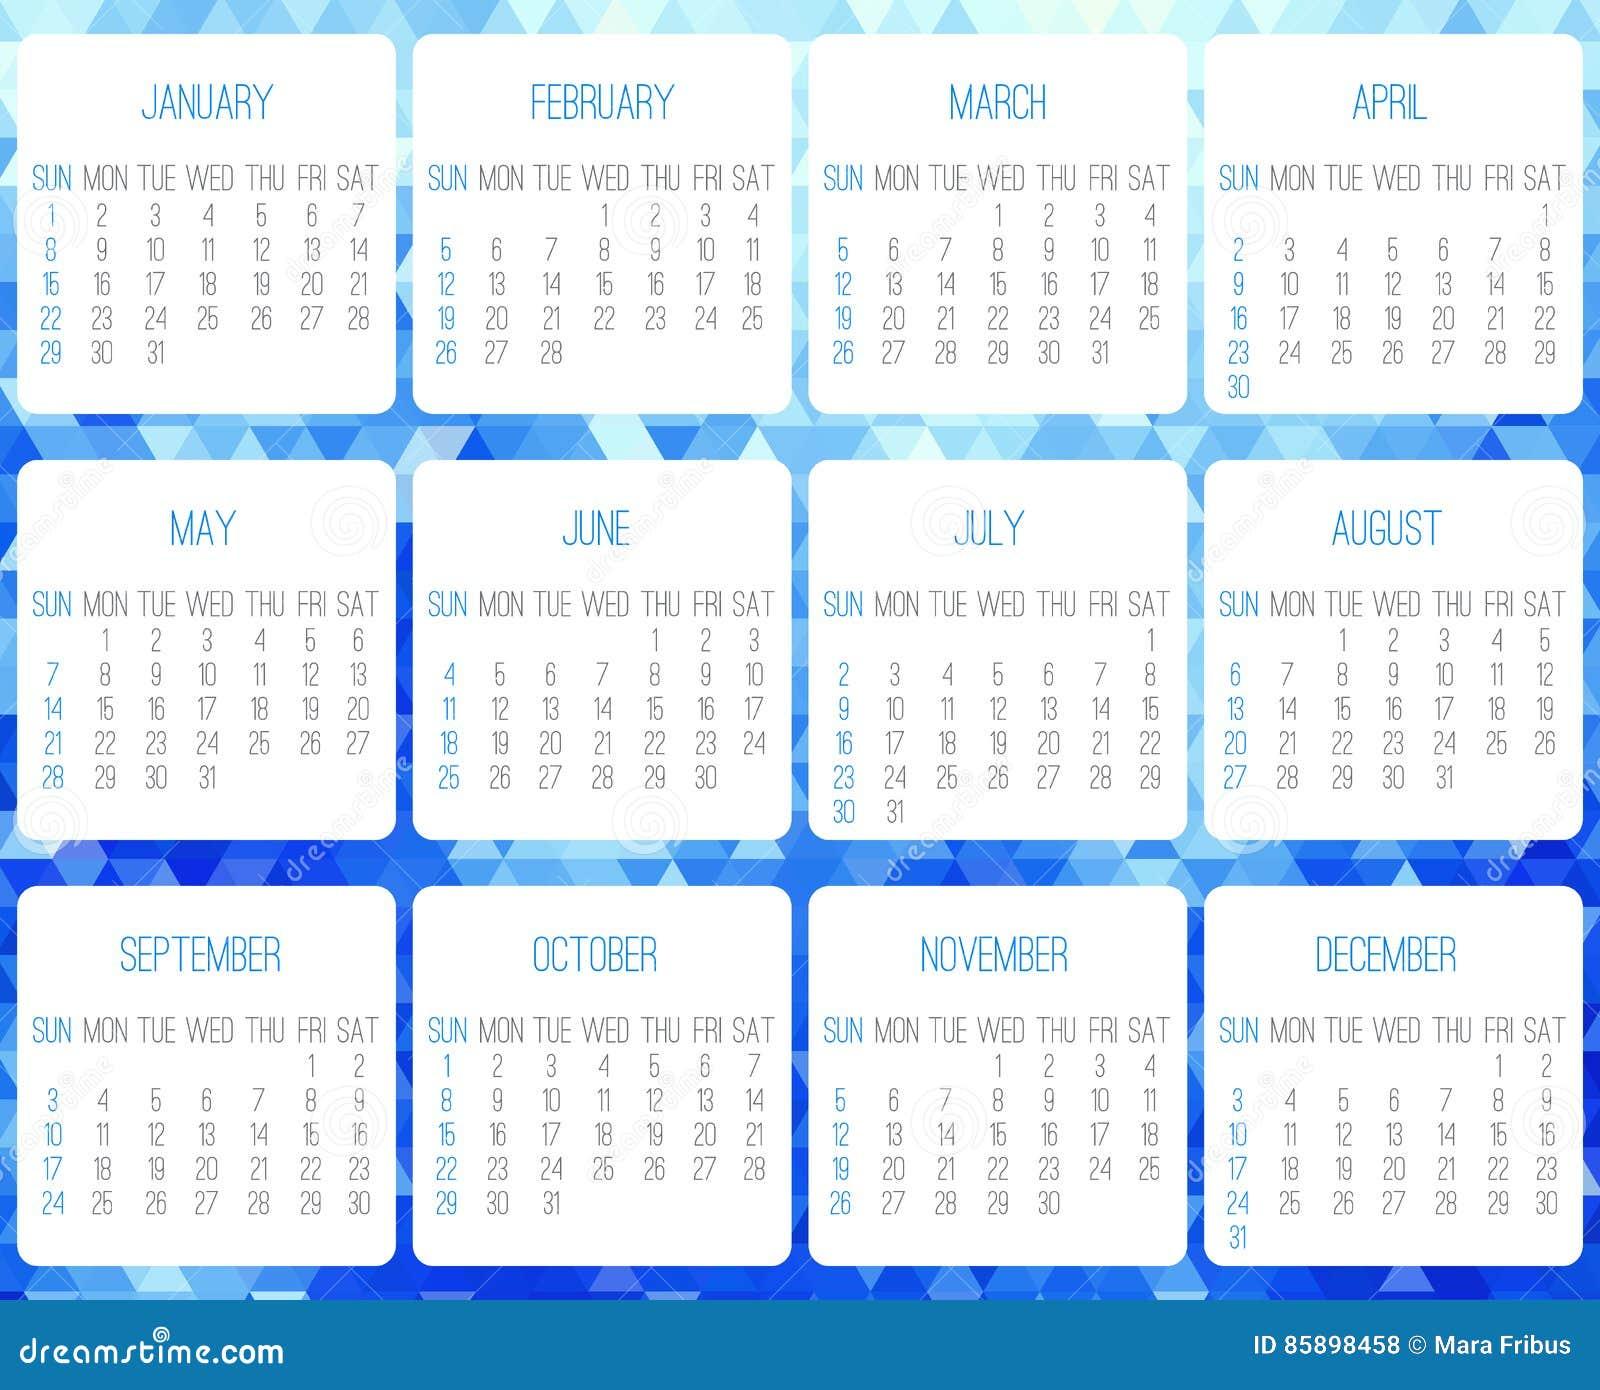 Calendario Anno 2017.Calendario Mensile Di Anno 2017 Illustrazione Vettoriale